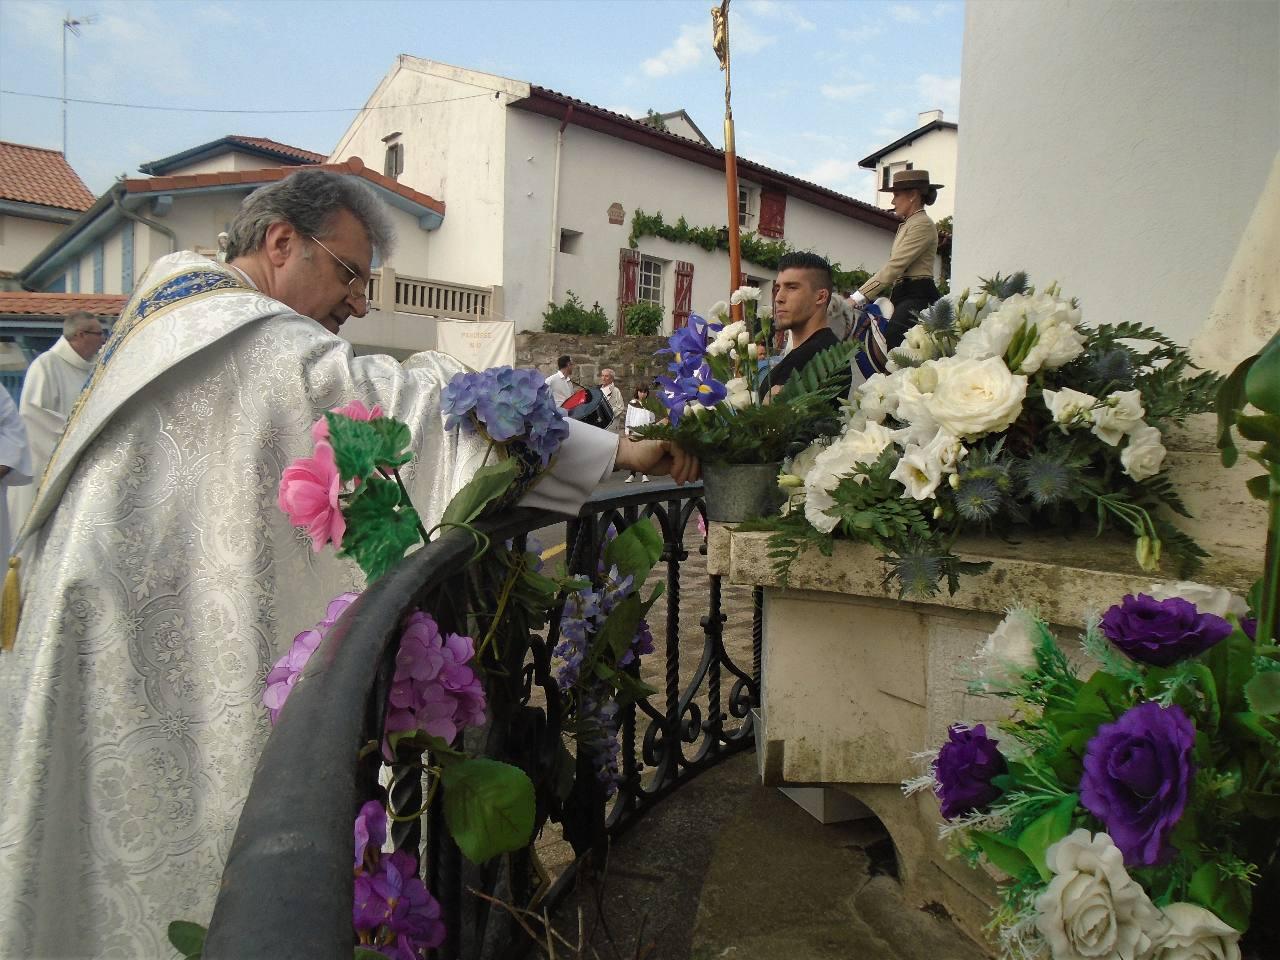 à Notre Dame du Port, déjà bien honorée de fleurs !